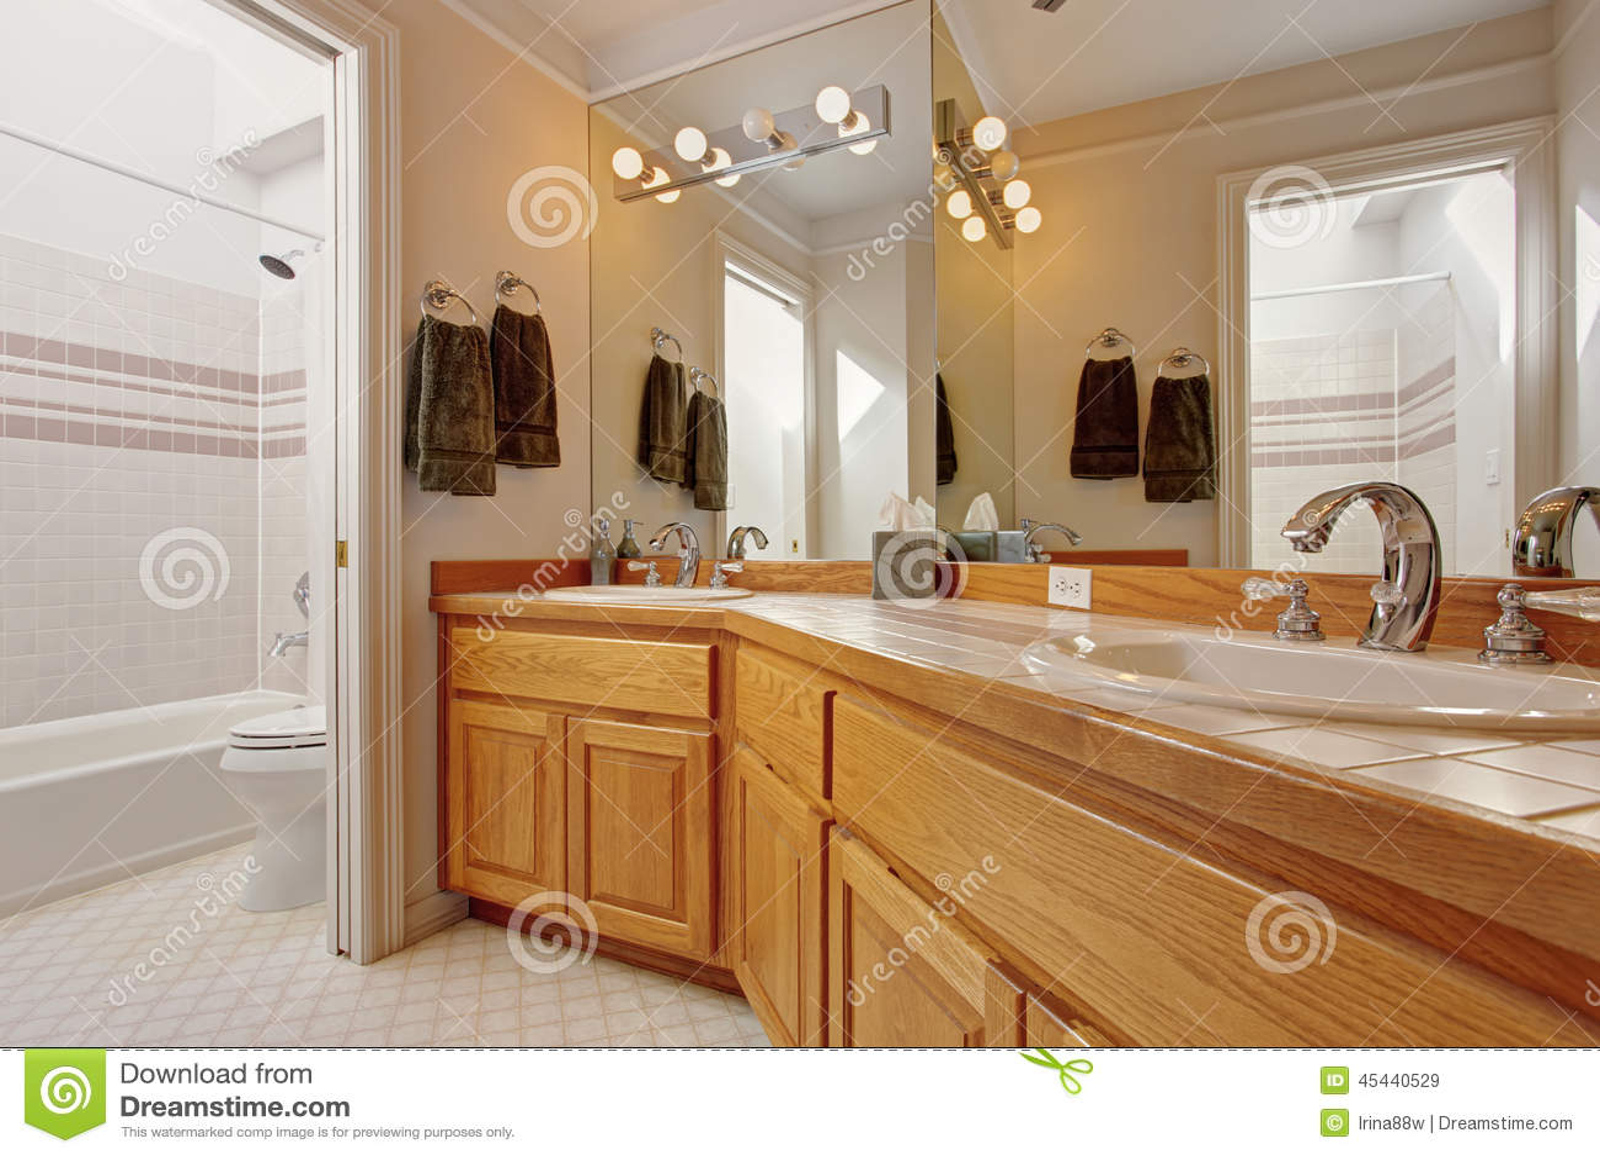 gabinetto di vanit del bagno con due lavandini e specchi